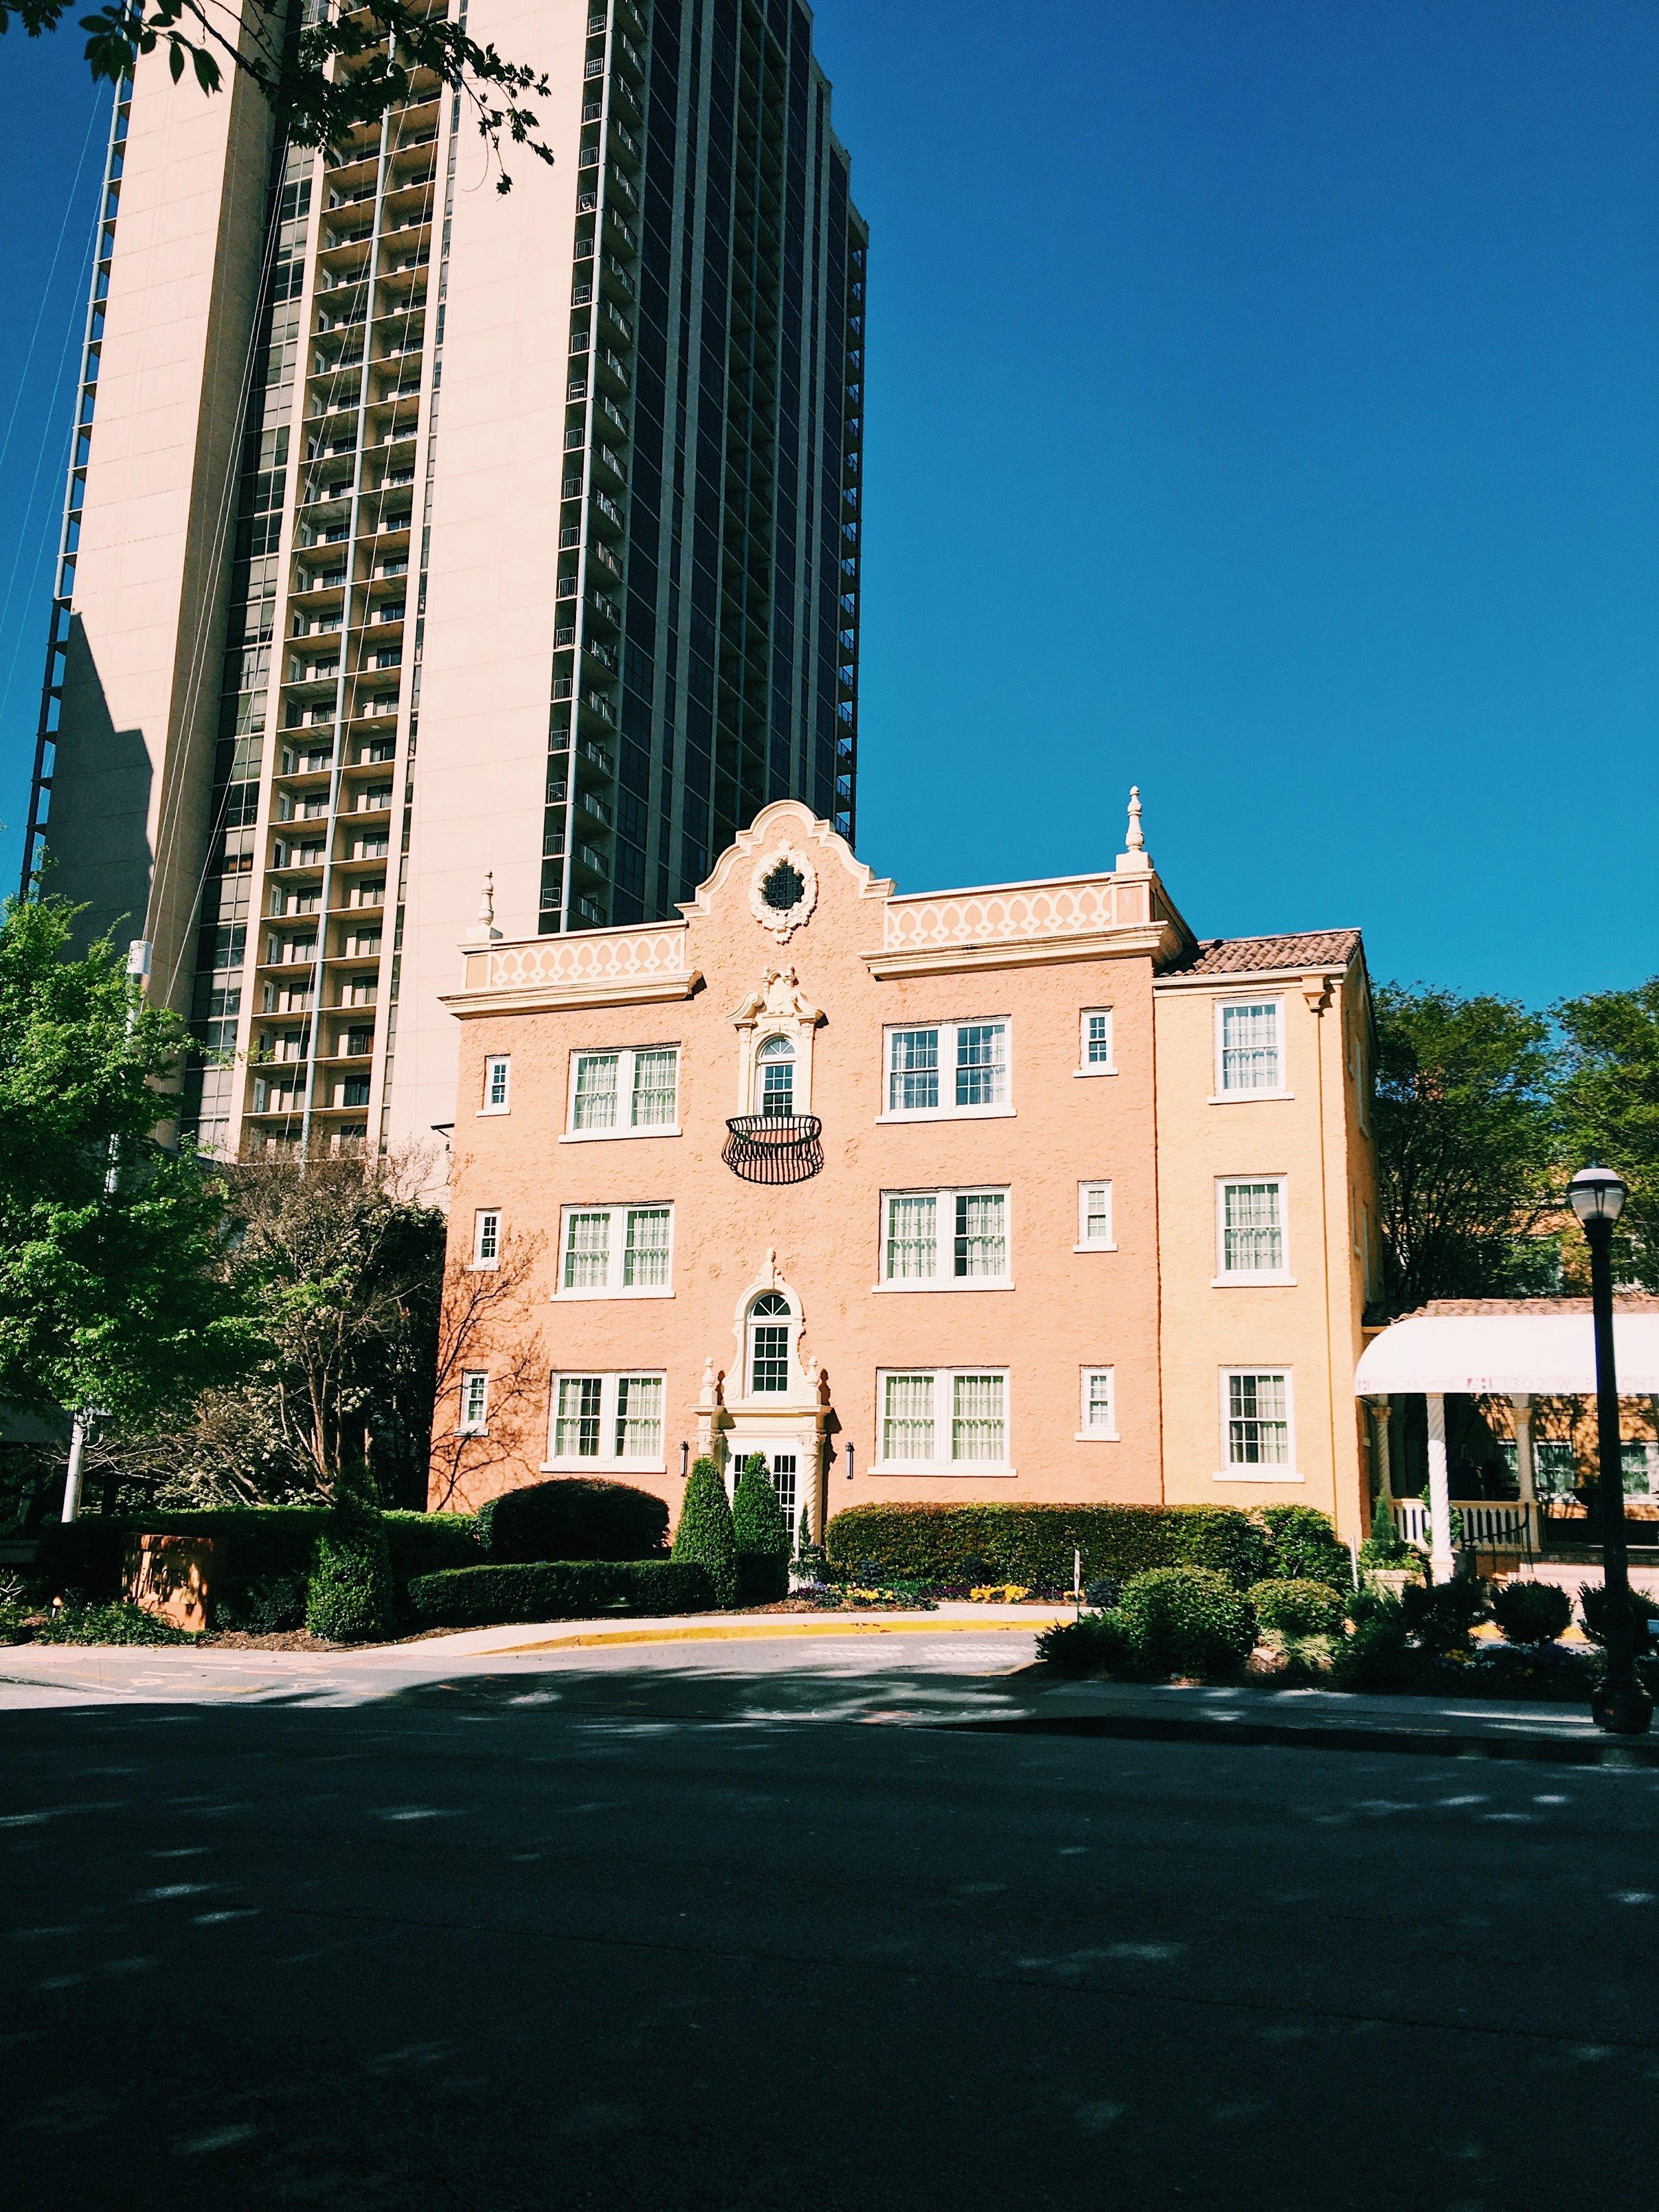 Artmore hotel